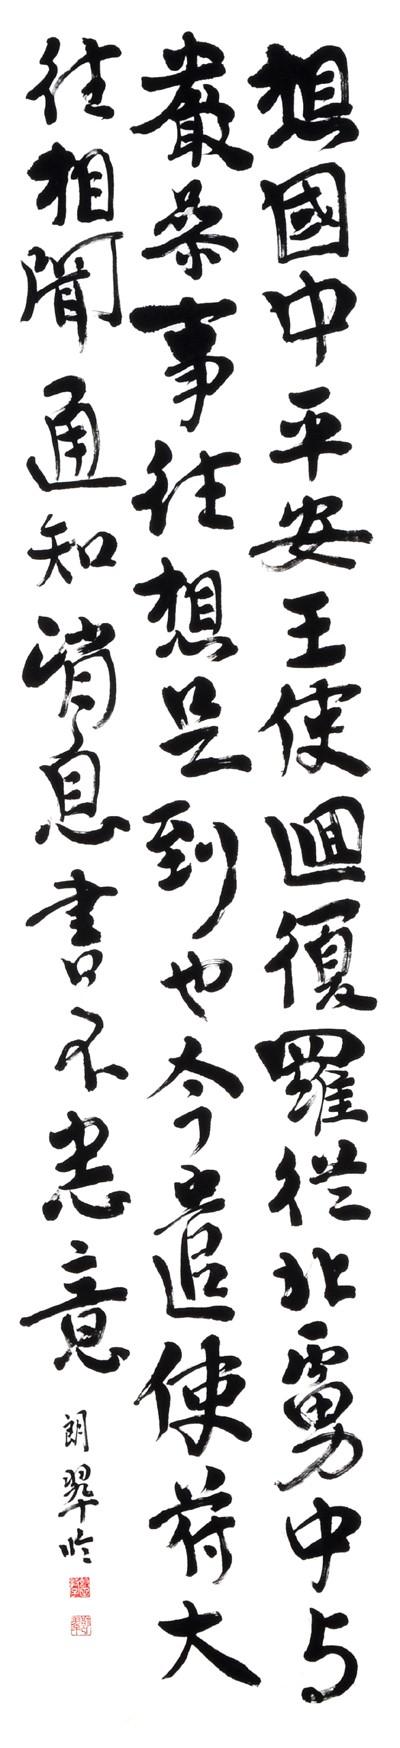 2020年【公募】第49回全書芸展 無鑑査部門 飯田朗翠 文化院準大賞